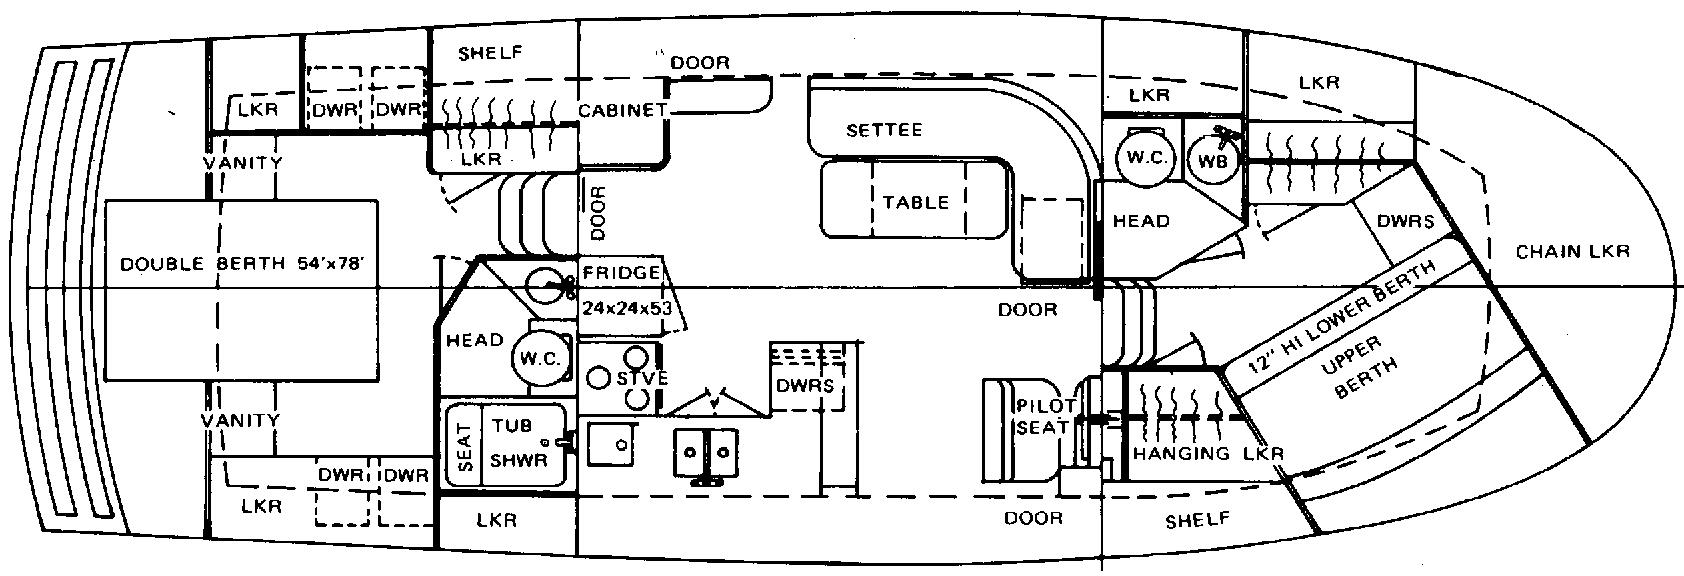 38 Double Cabin Floor Plan 1